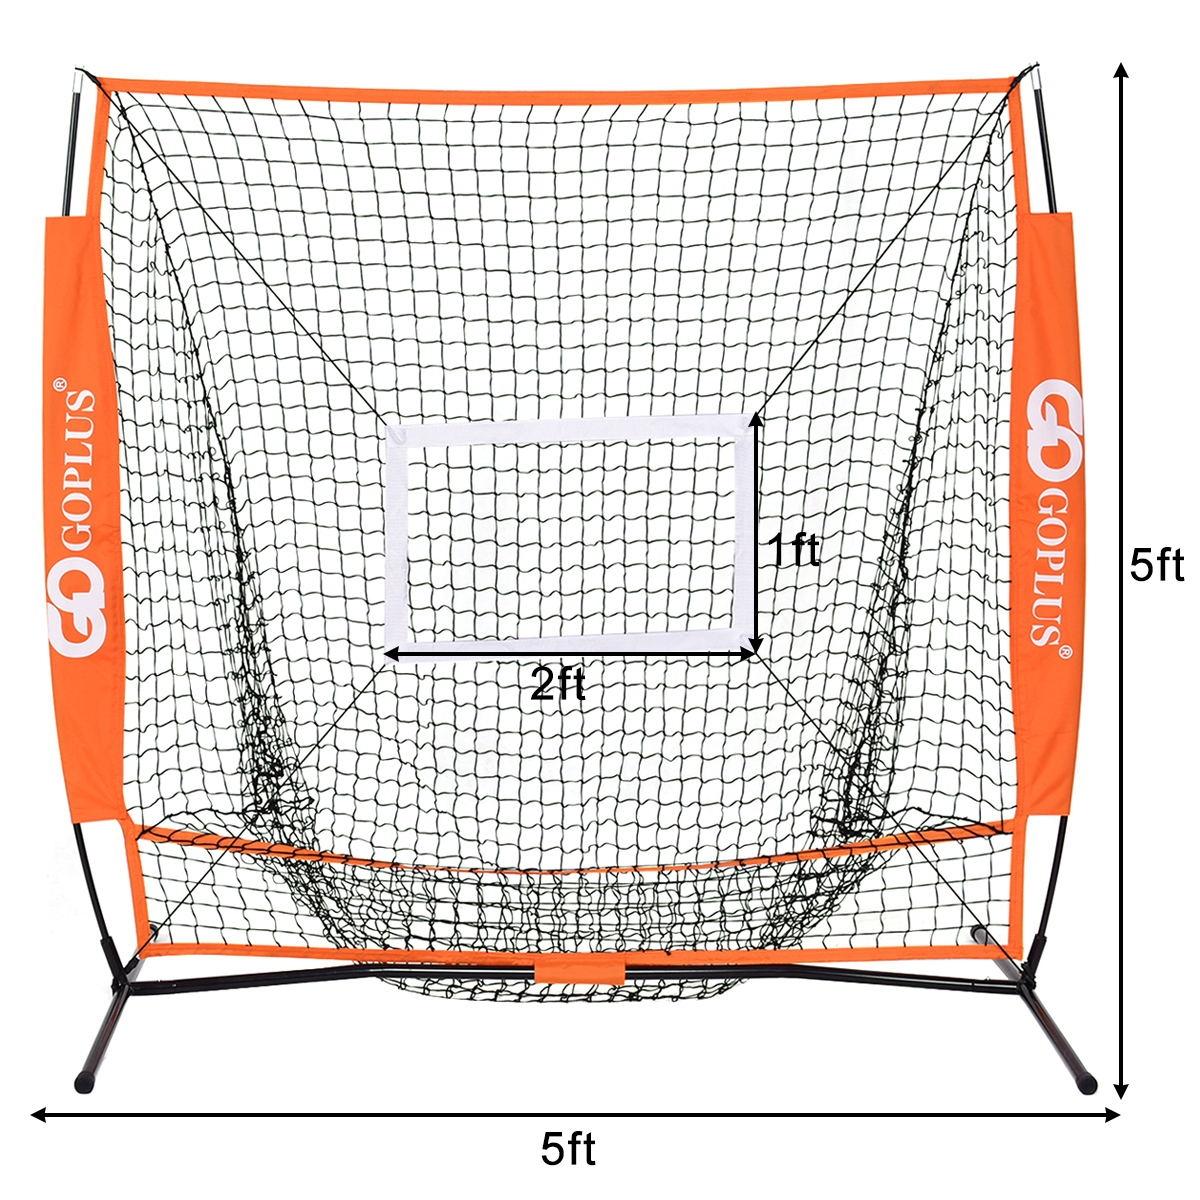 5' × 5' Practice Hitting Baseball Net